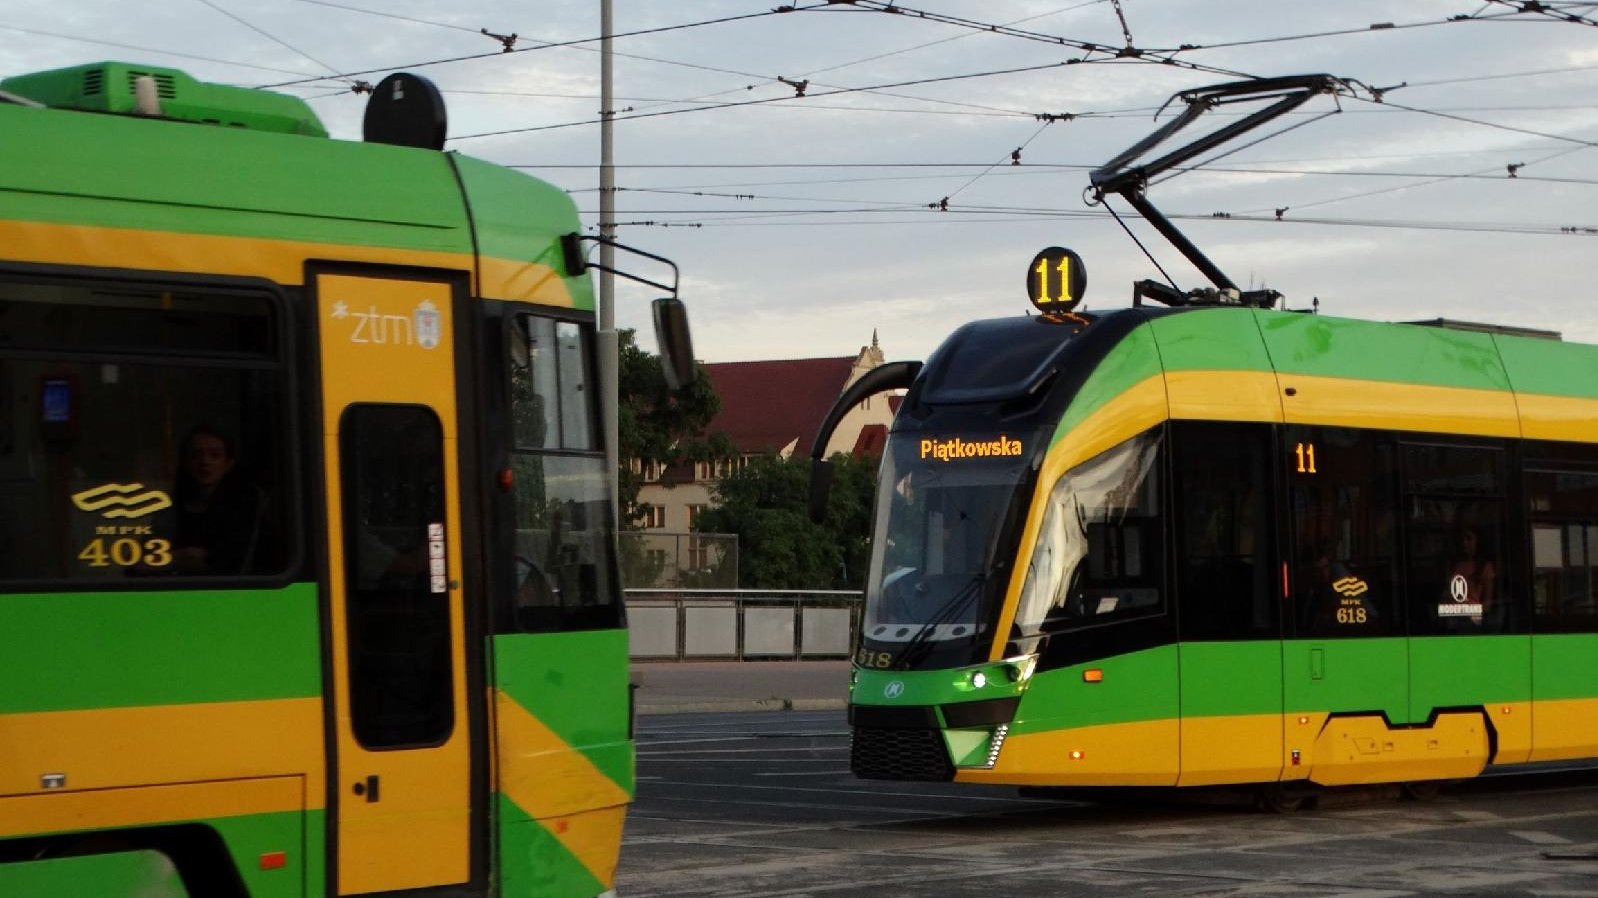 Dwa tramwaje jadące w przeciwnych kierunkach - grafika artykułu